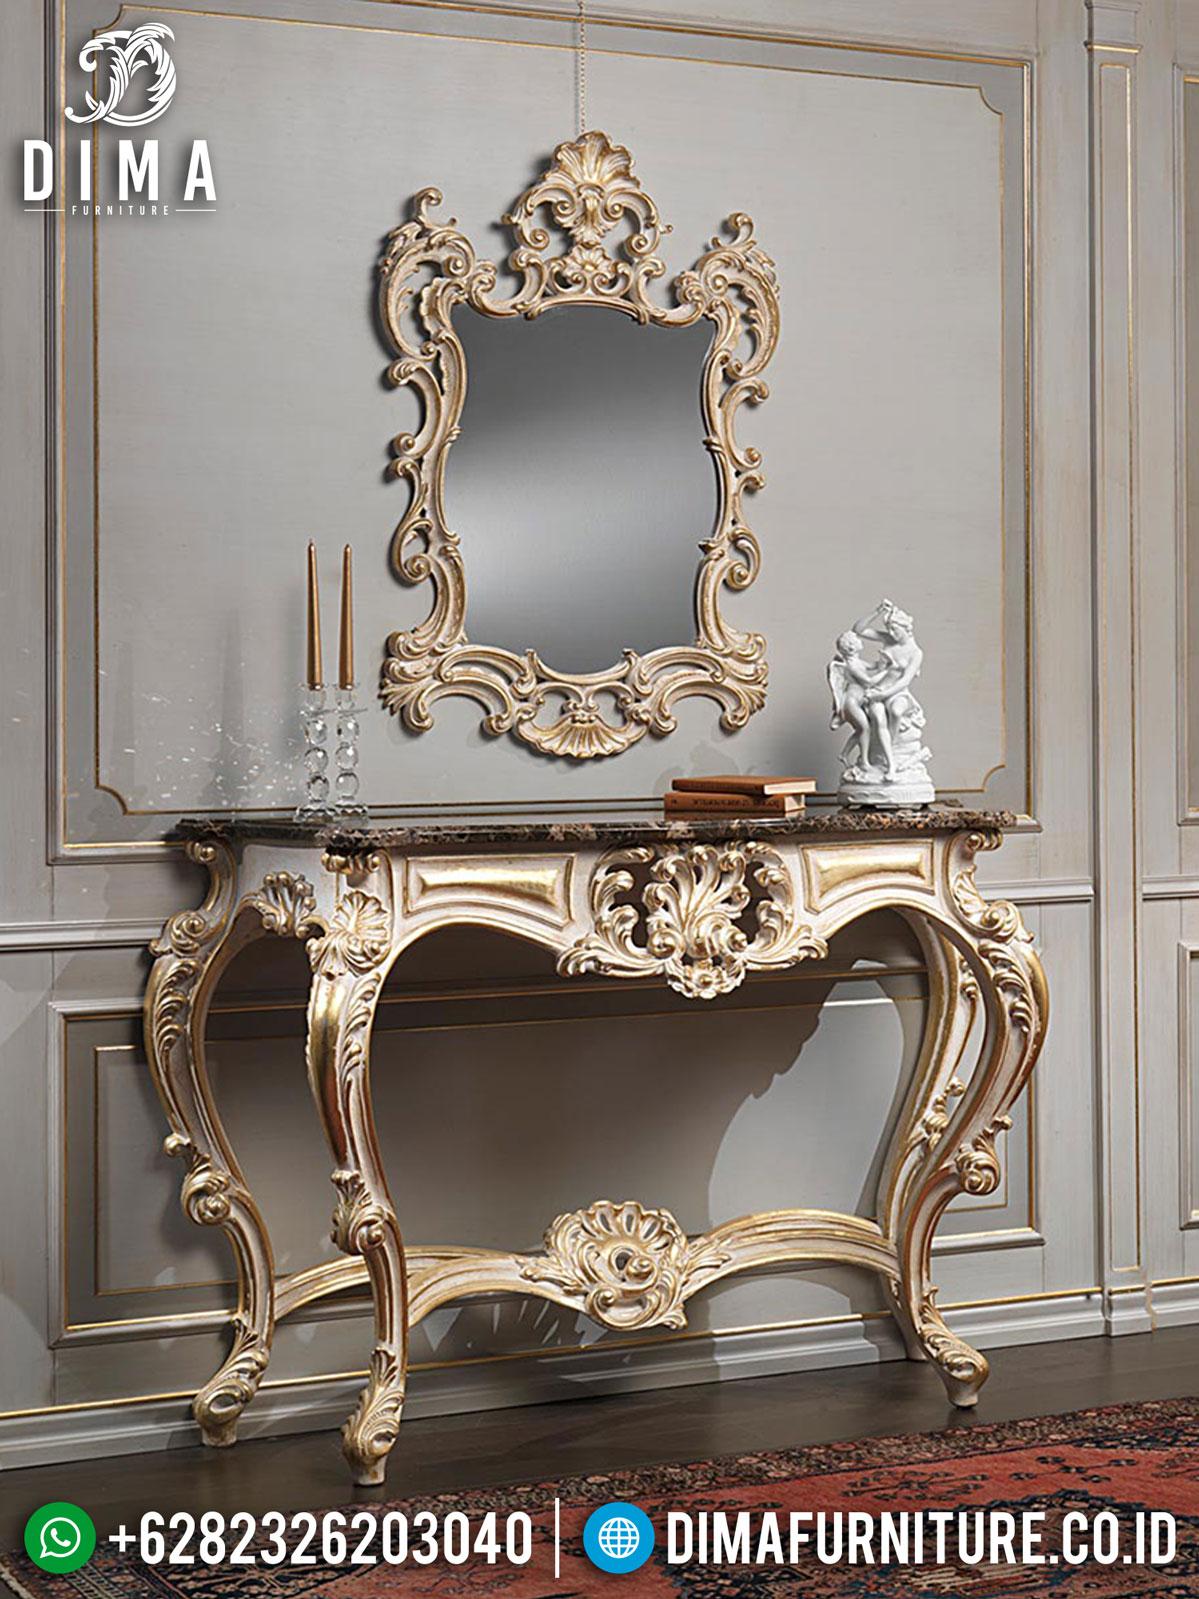 Meja Konsul Mewah Jepara Luxury Carving Beautiful Design Furniture Jepara Realese ST-0964